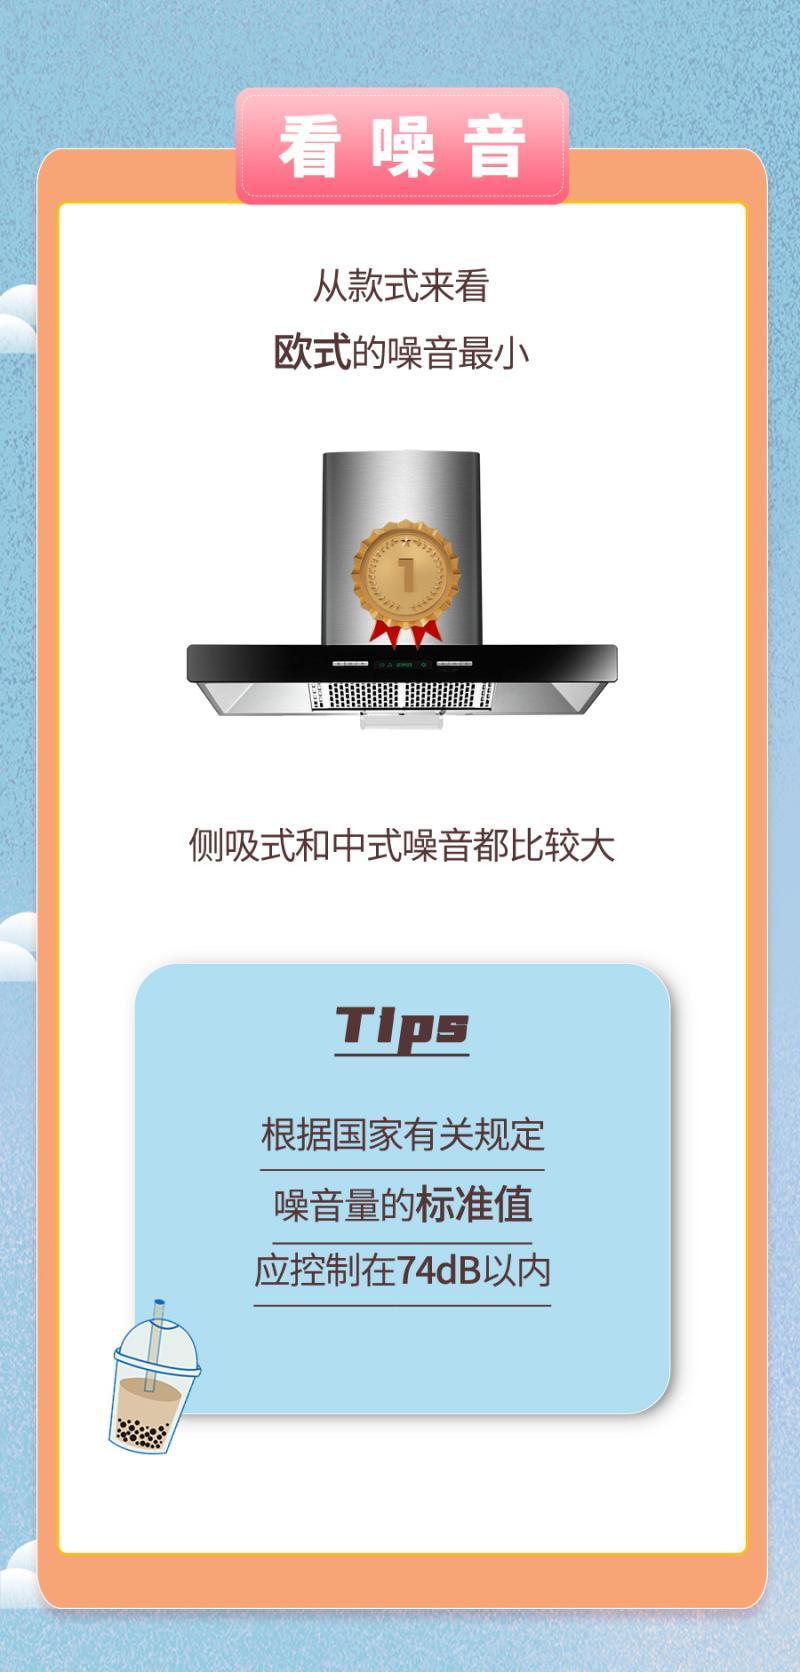 油烟机怎么选_08.jpg